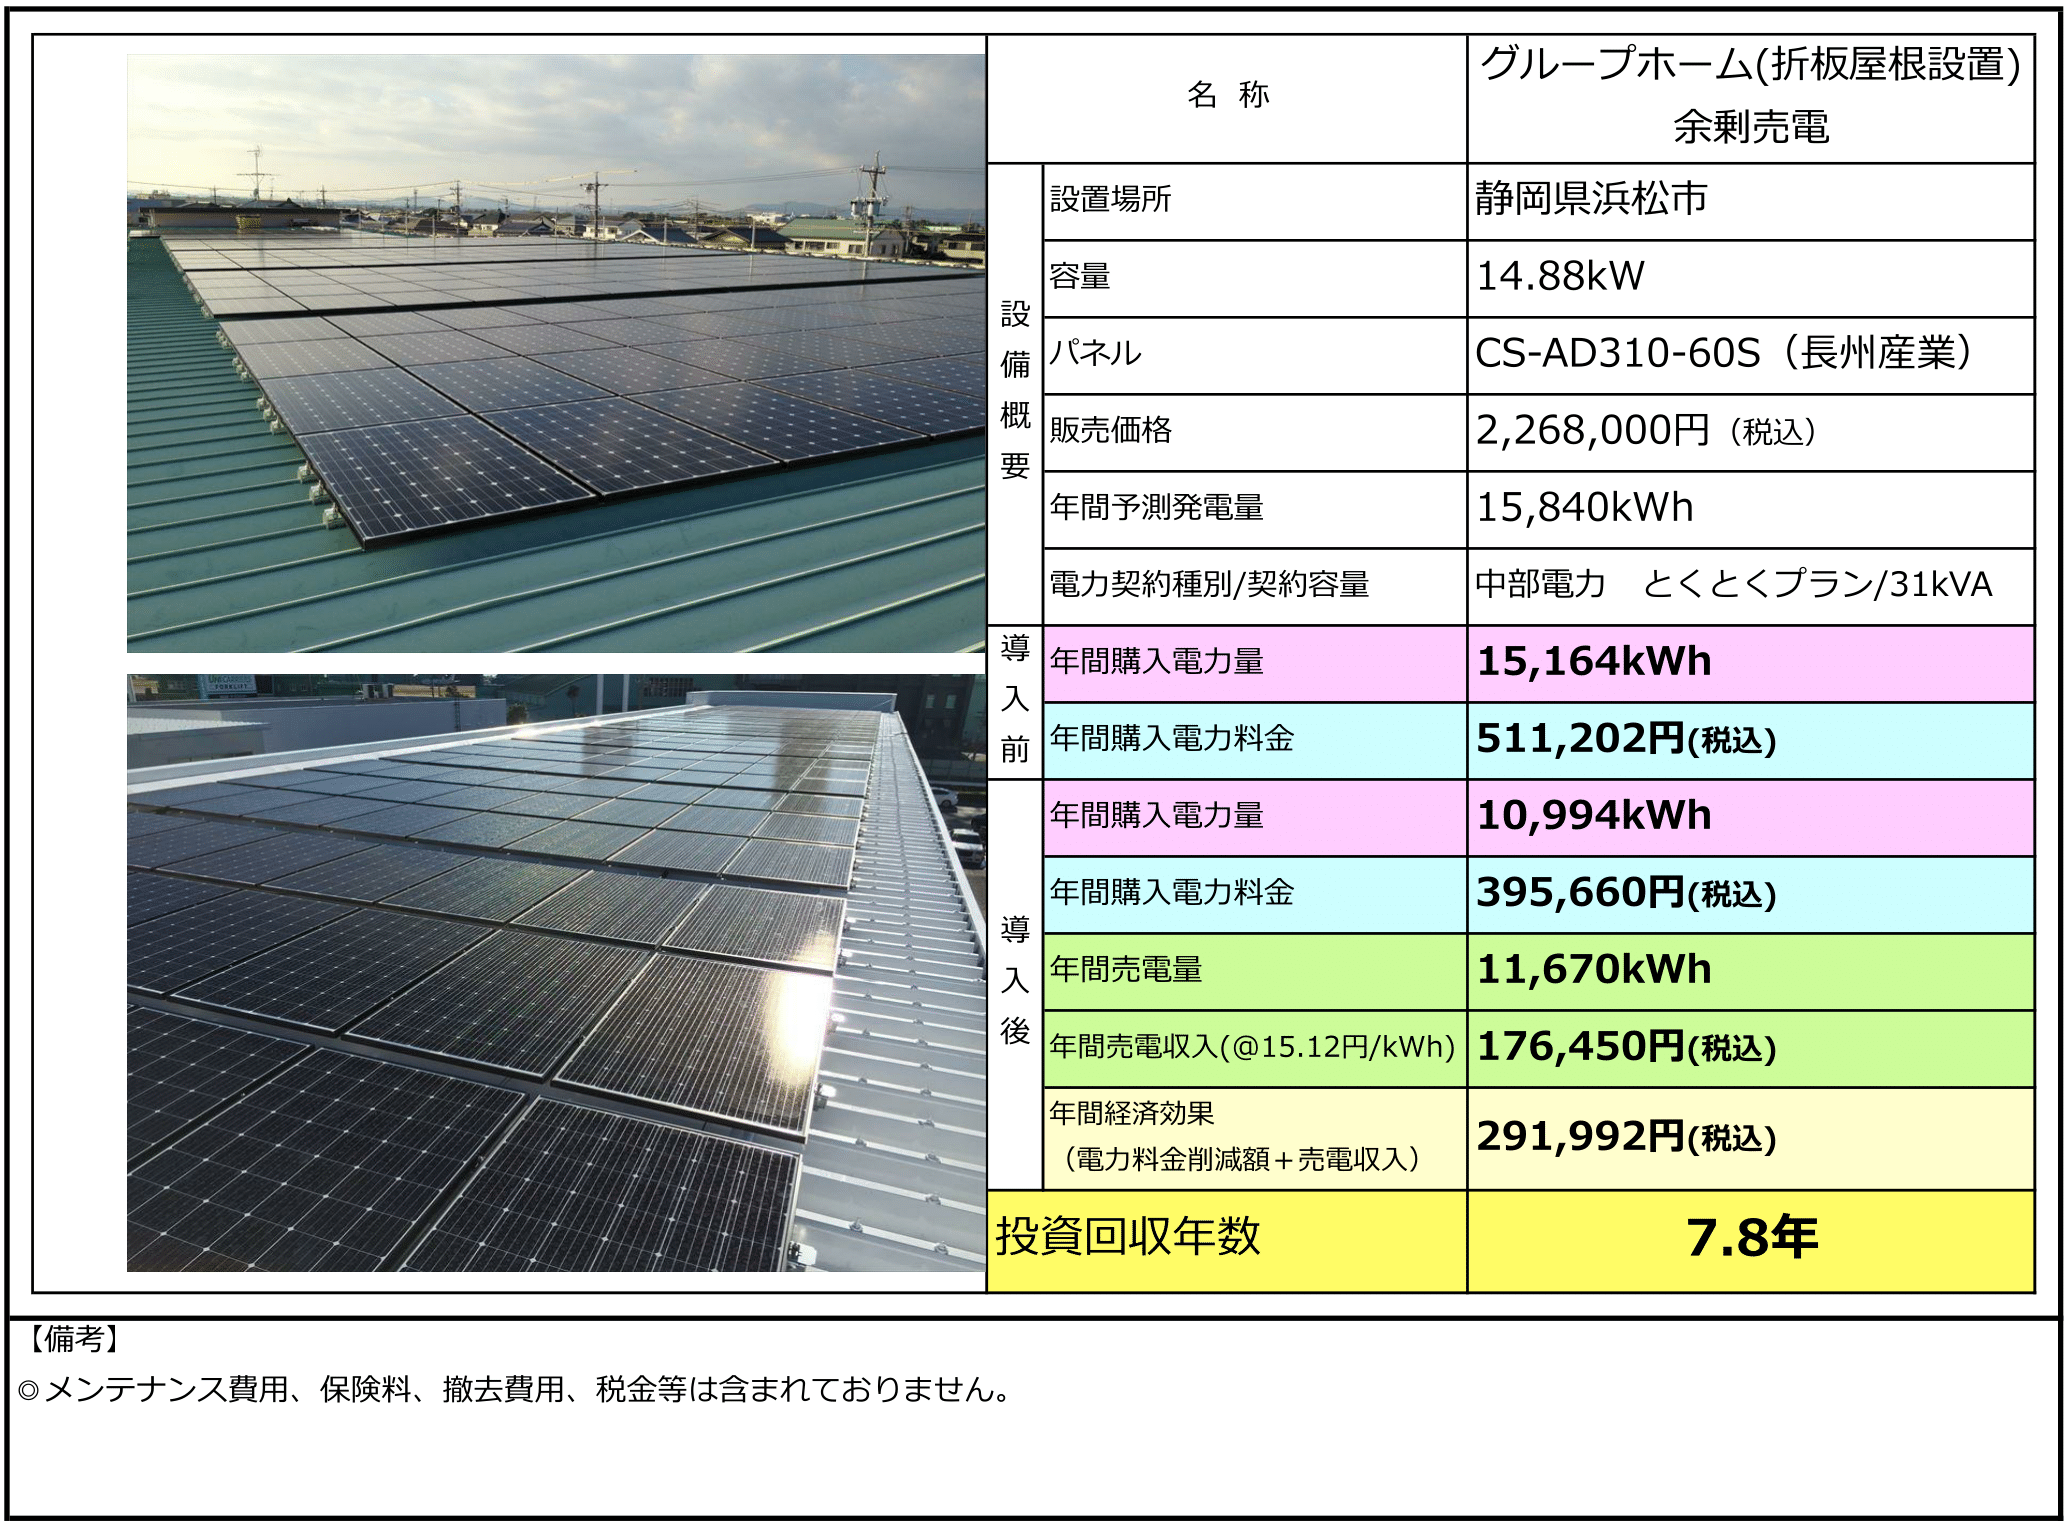 14円提案資料(全量)